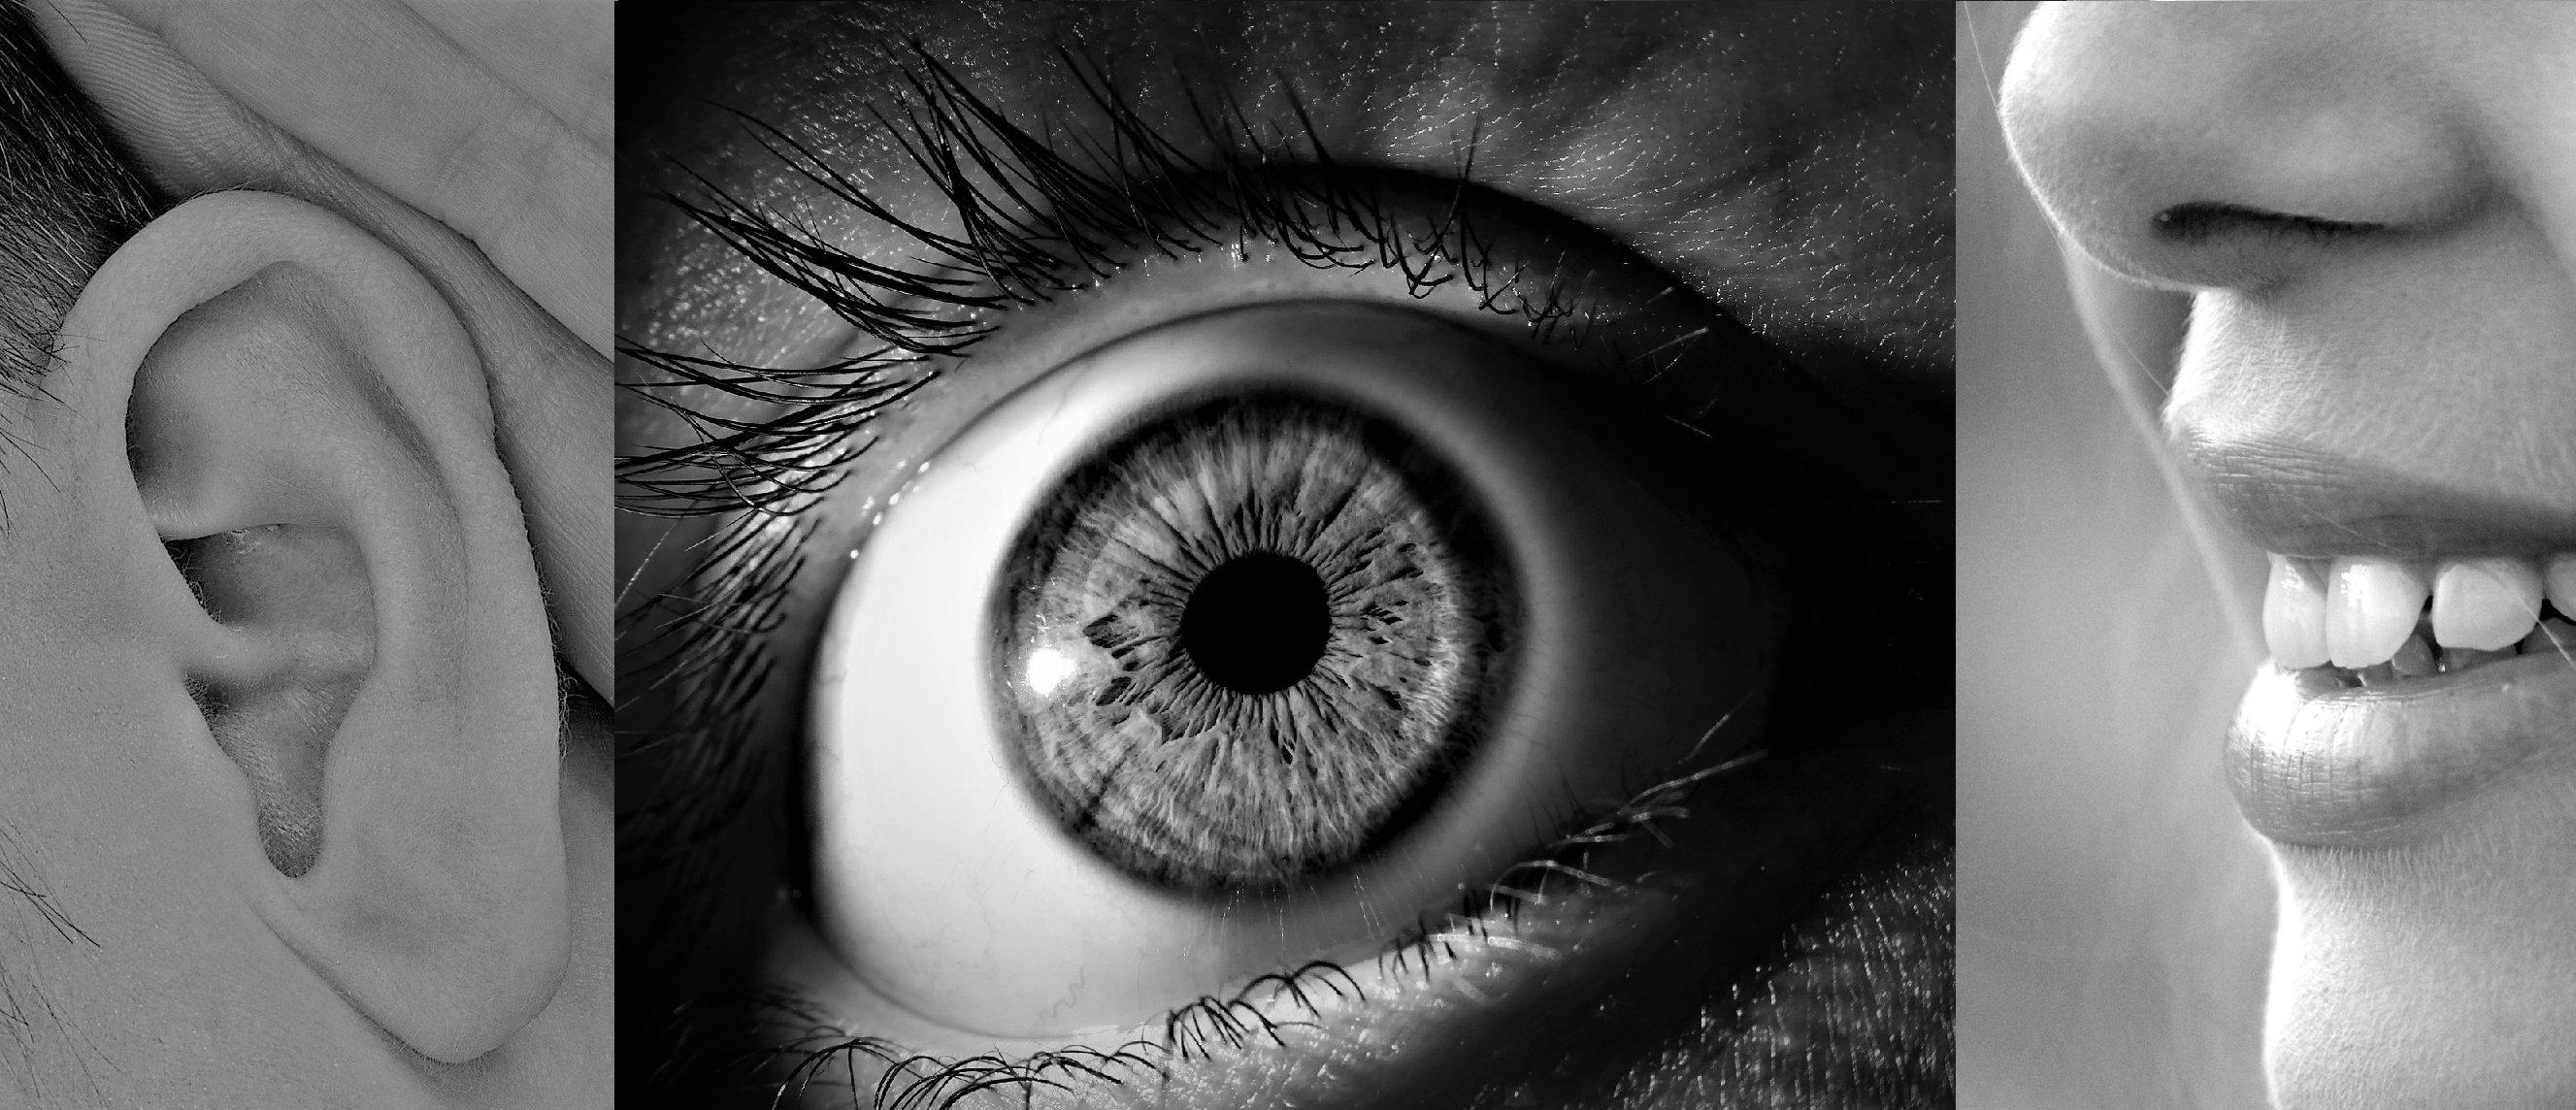 Jak funguje lidské vnímání pomocí zraku a sluchu? A existuje vůbec čas?